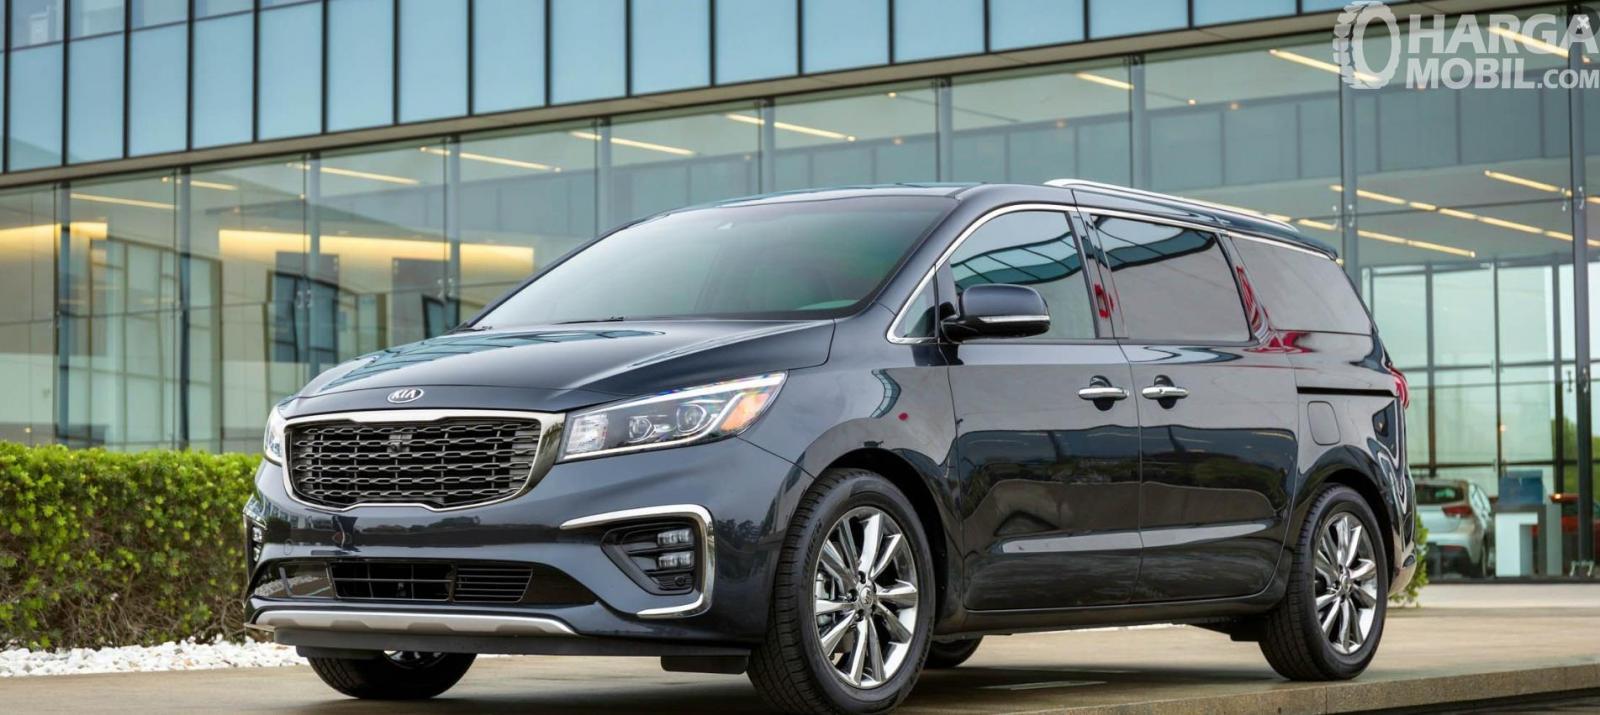 KIA Sedona 2019 memiliki segala kapabilitas lebih bagi sebuah Minivan keluarga